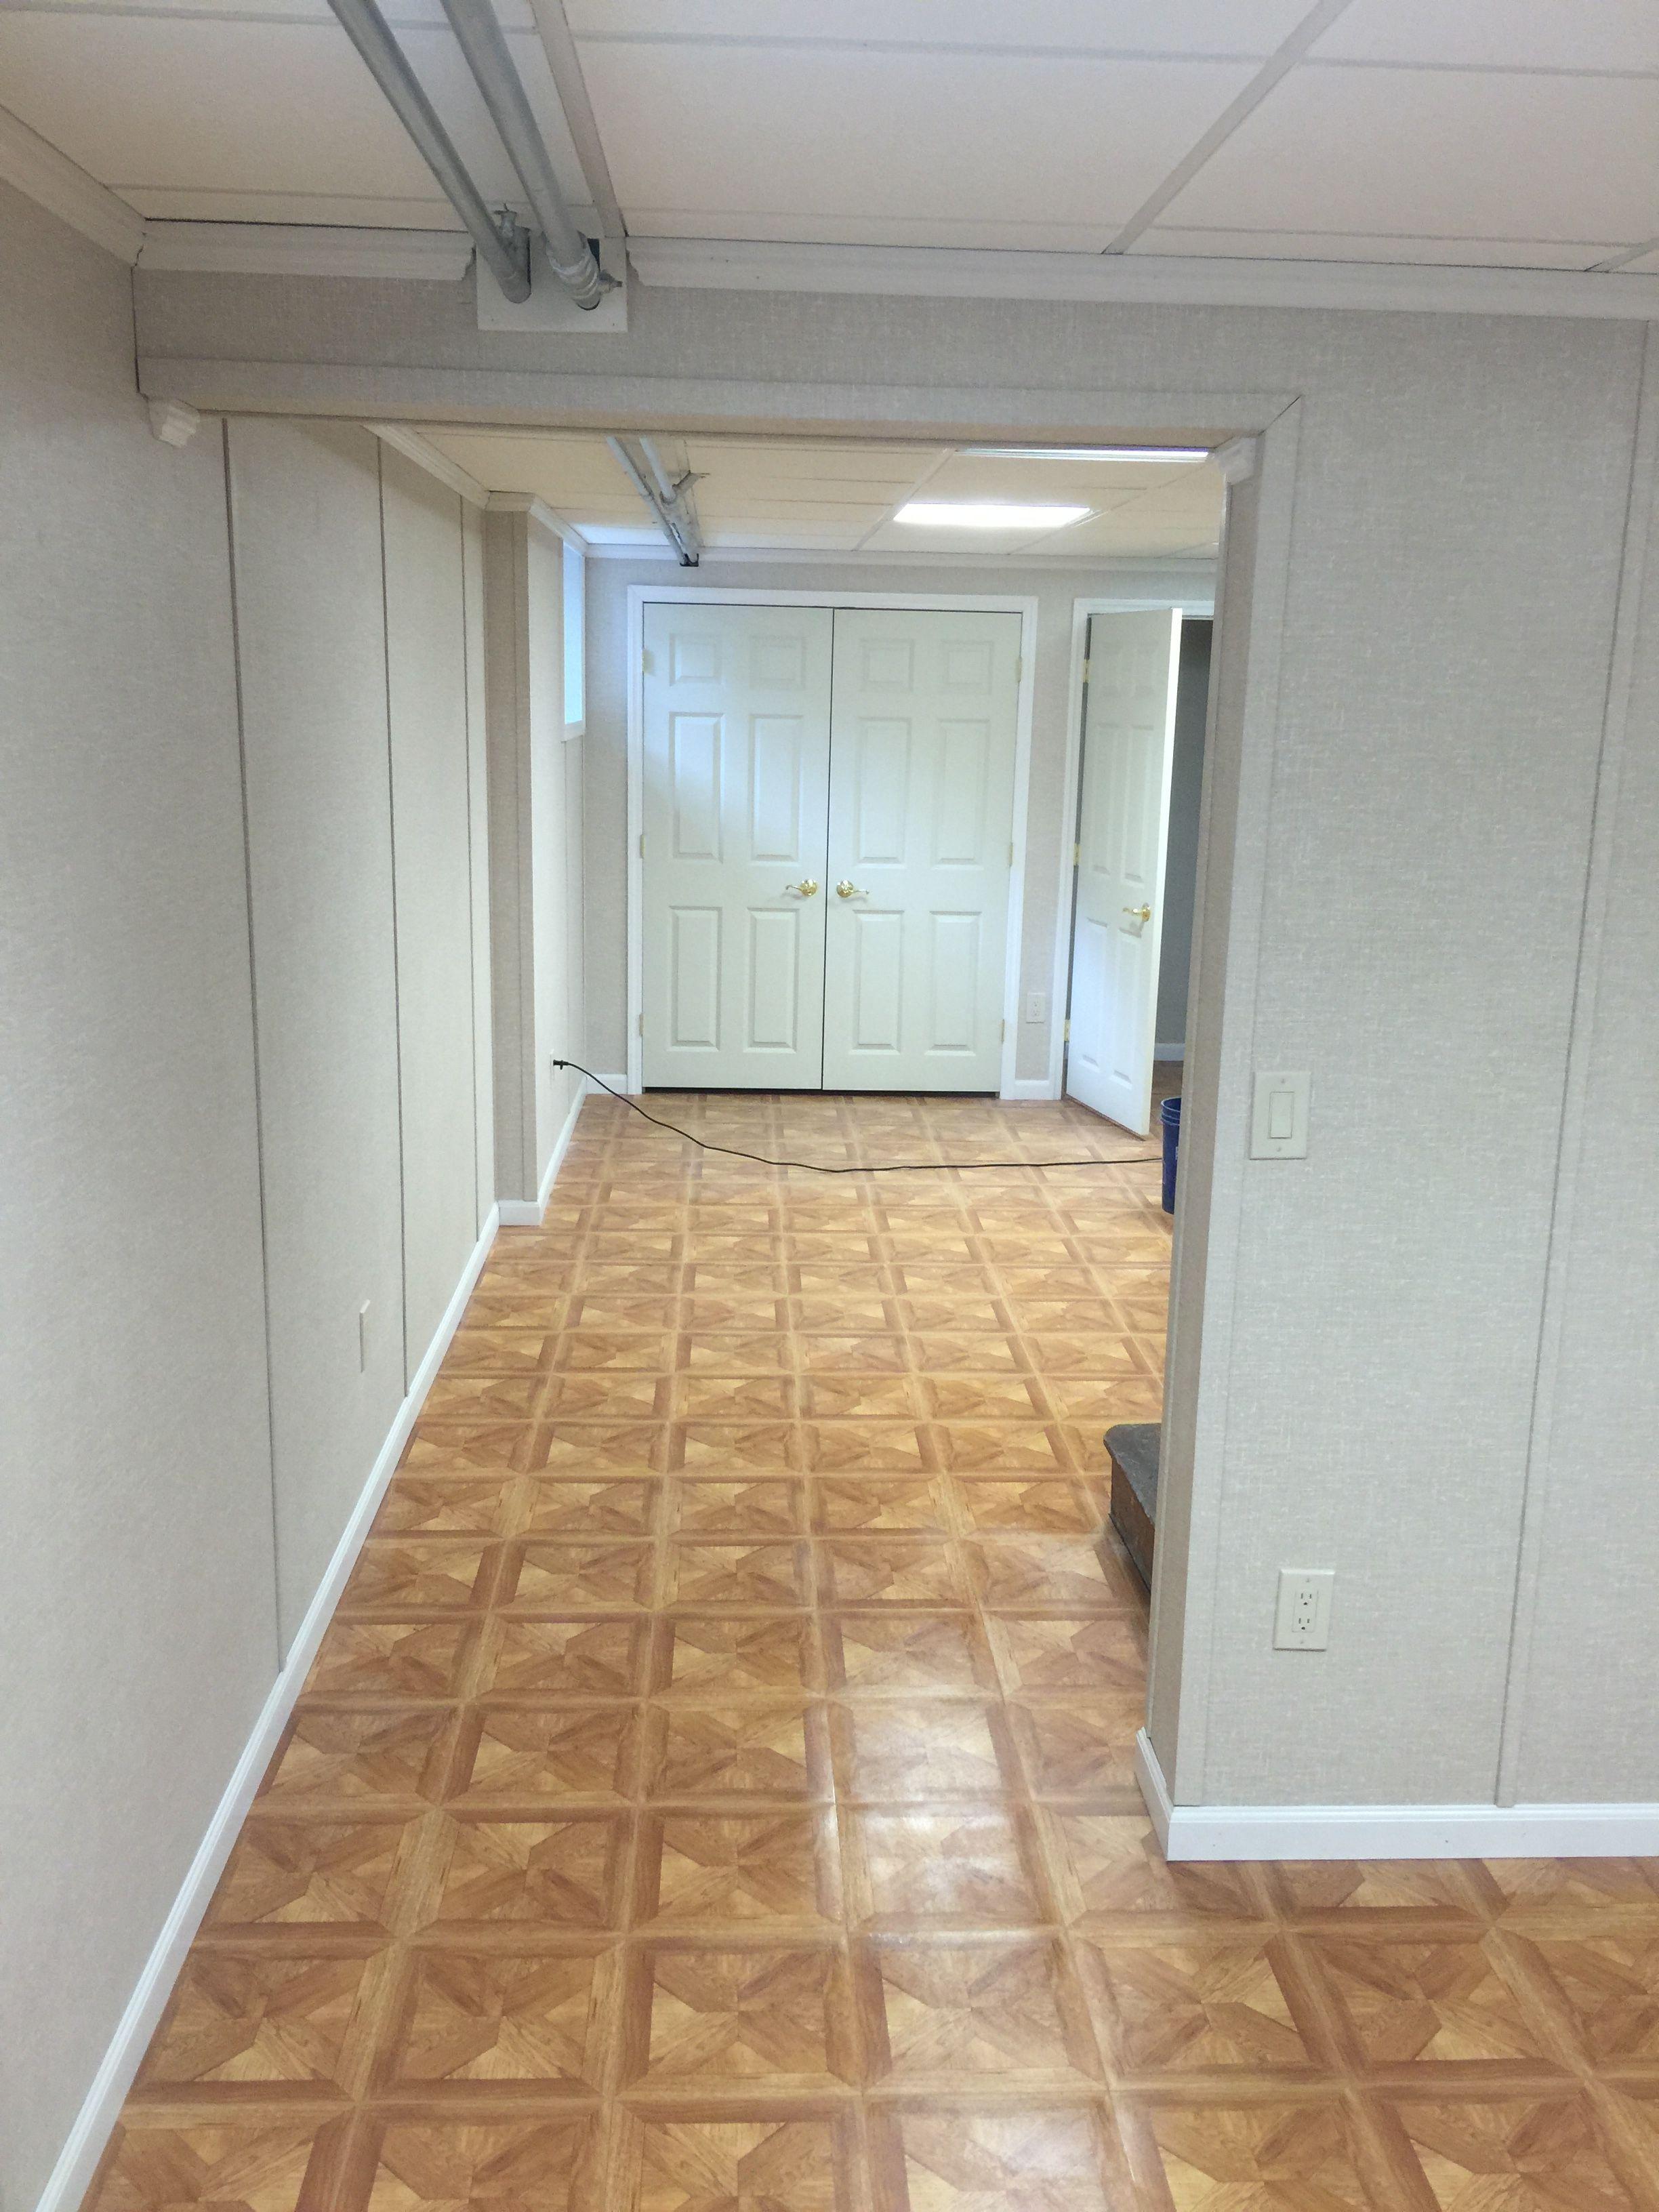 Thermaldry Basement Floor Waterproofing Tiles Httpnextsoft - Thermaldry basement flooring cost